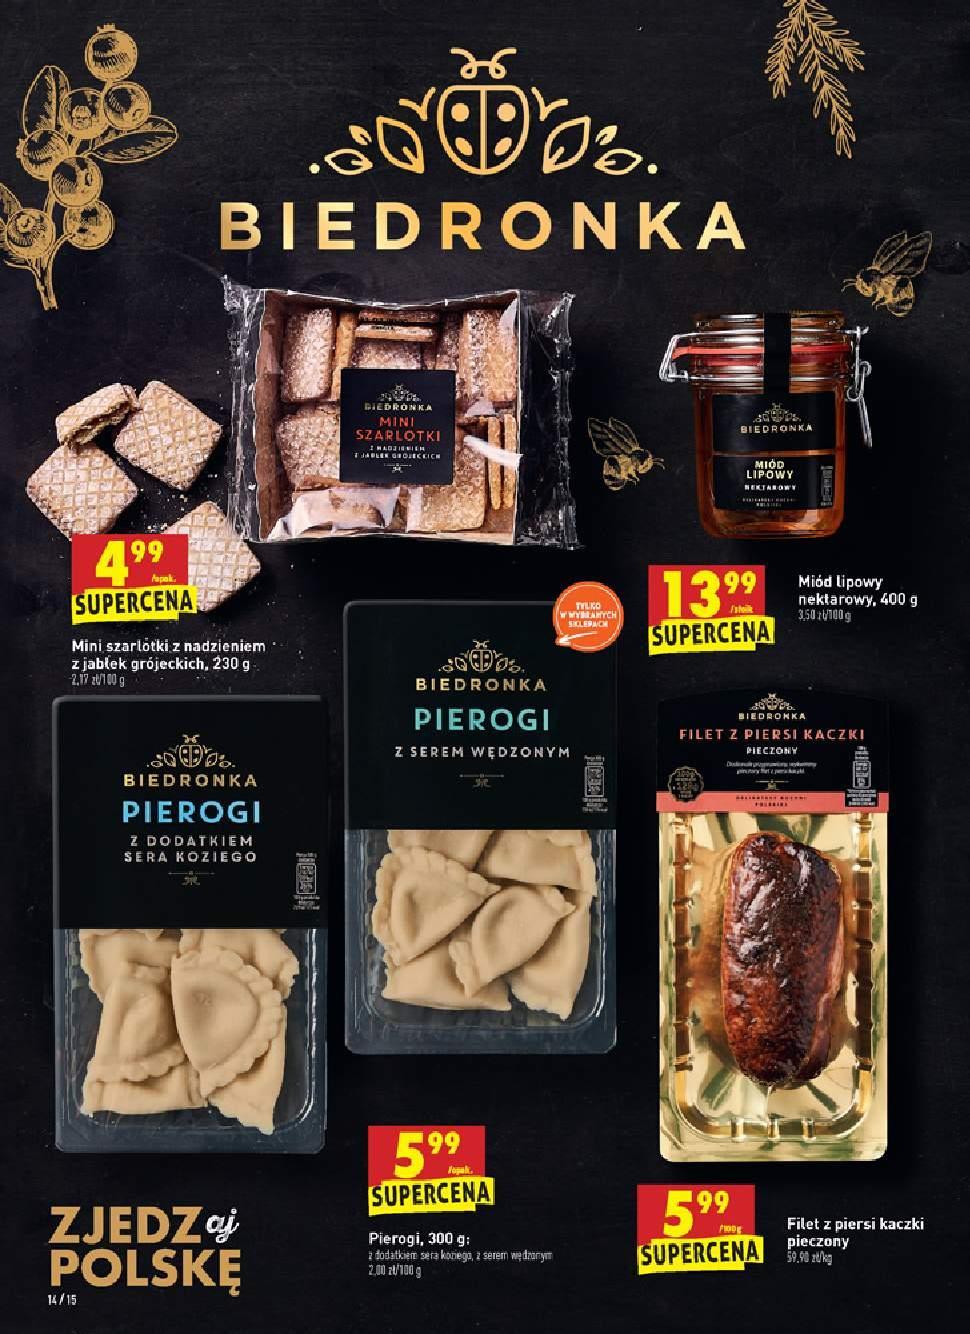 Gazetka promocyjna Biedronka do 22/02/2020 str.14